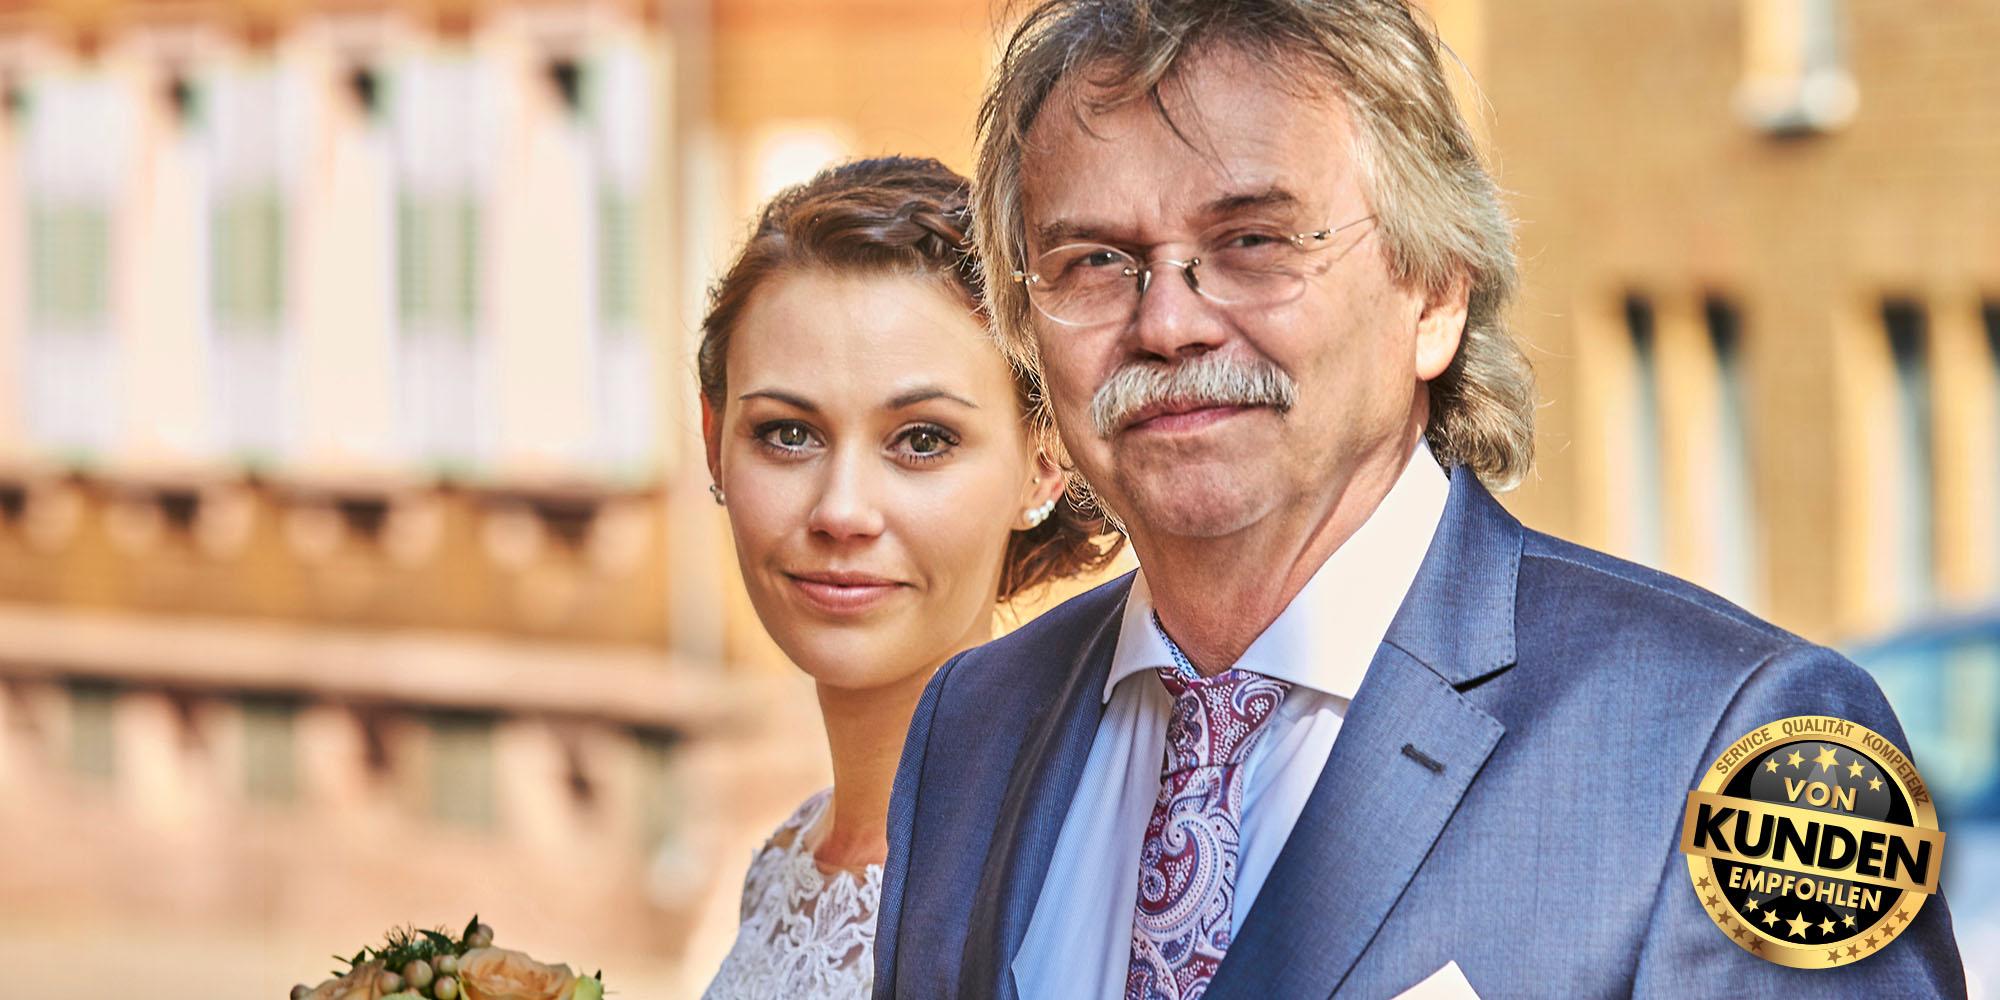 Hochzeitsfotos, Hochzeitsvideound Hochzeits-Reportagen von BlickFang2 Fotostudio, Filmstudio in Weinheim und Andernach